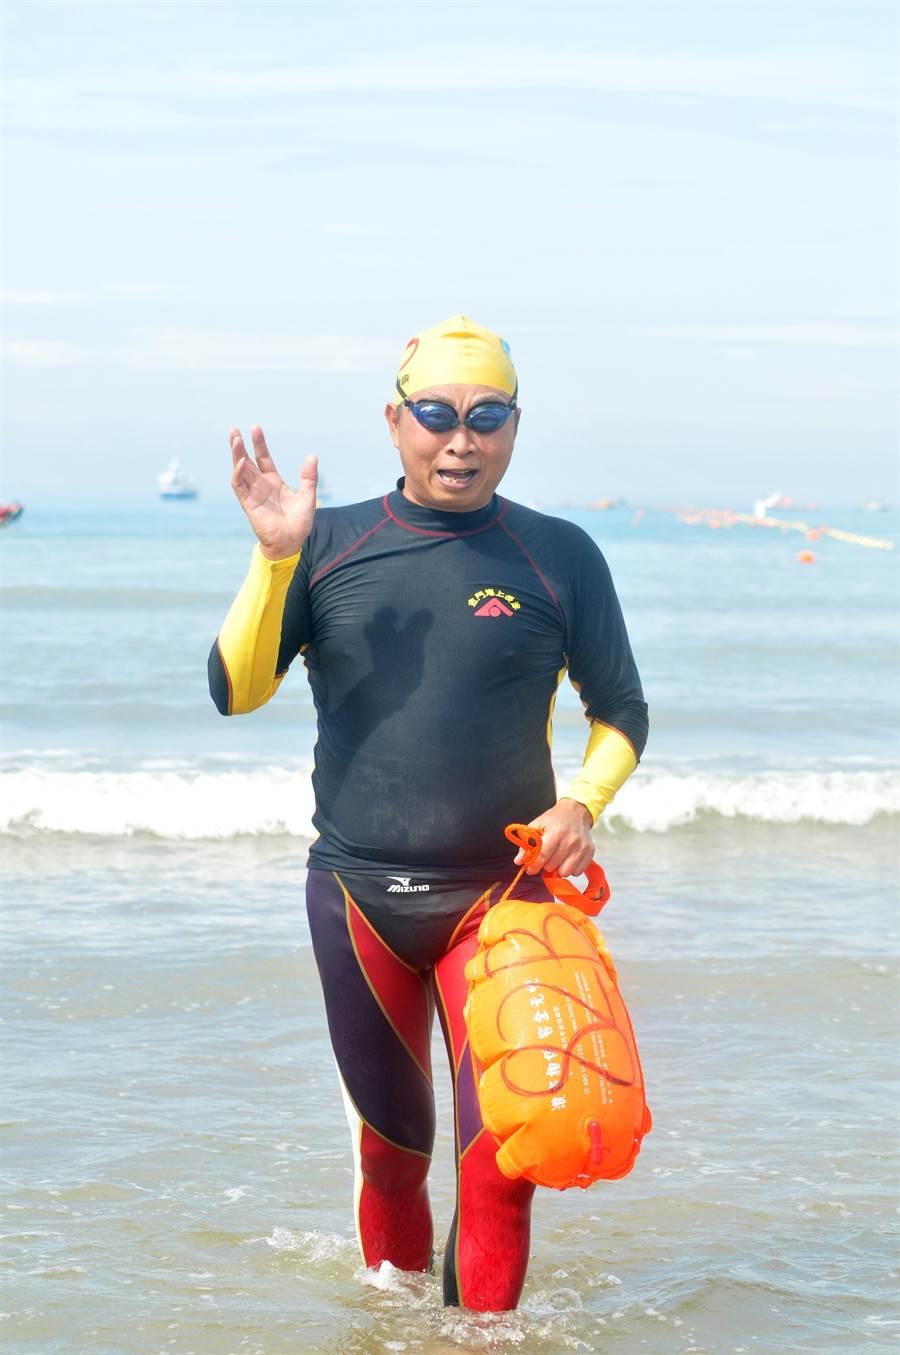 中華成人游泳協會秘書長倪盛琅,已參加過搶灘長泳10幾次。(李金生攝)